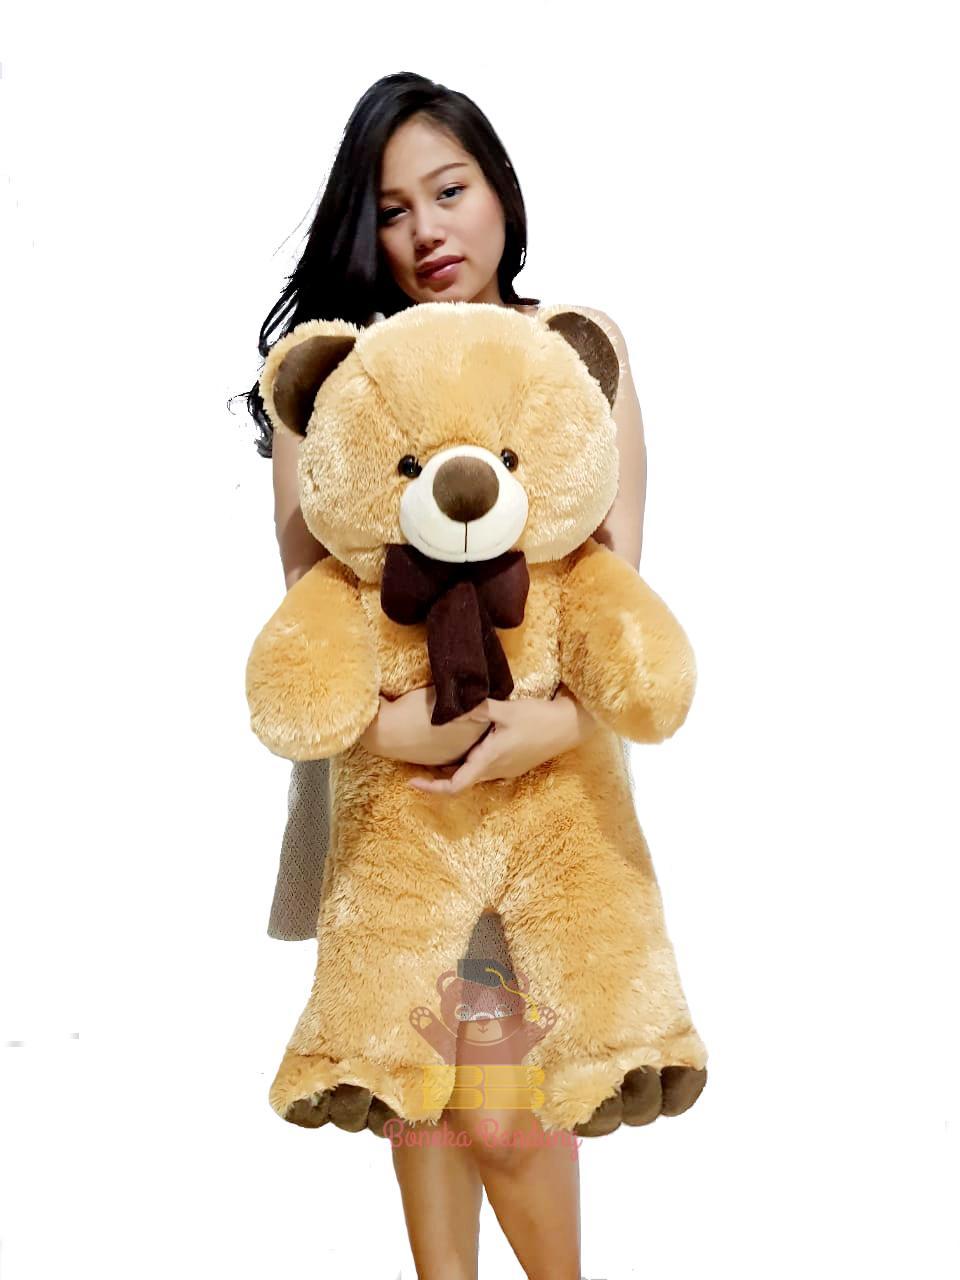 Jual Mainan Boneka Anak Terbaru Muslim Bonekabandung Beruang Teddy Bear Jumbo 80cm Coklat Susu